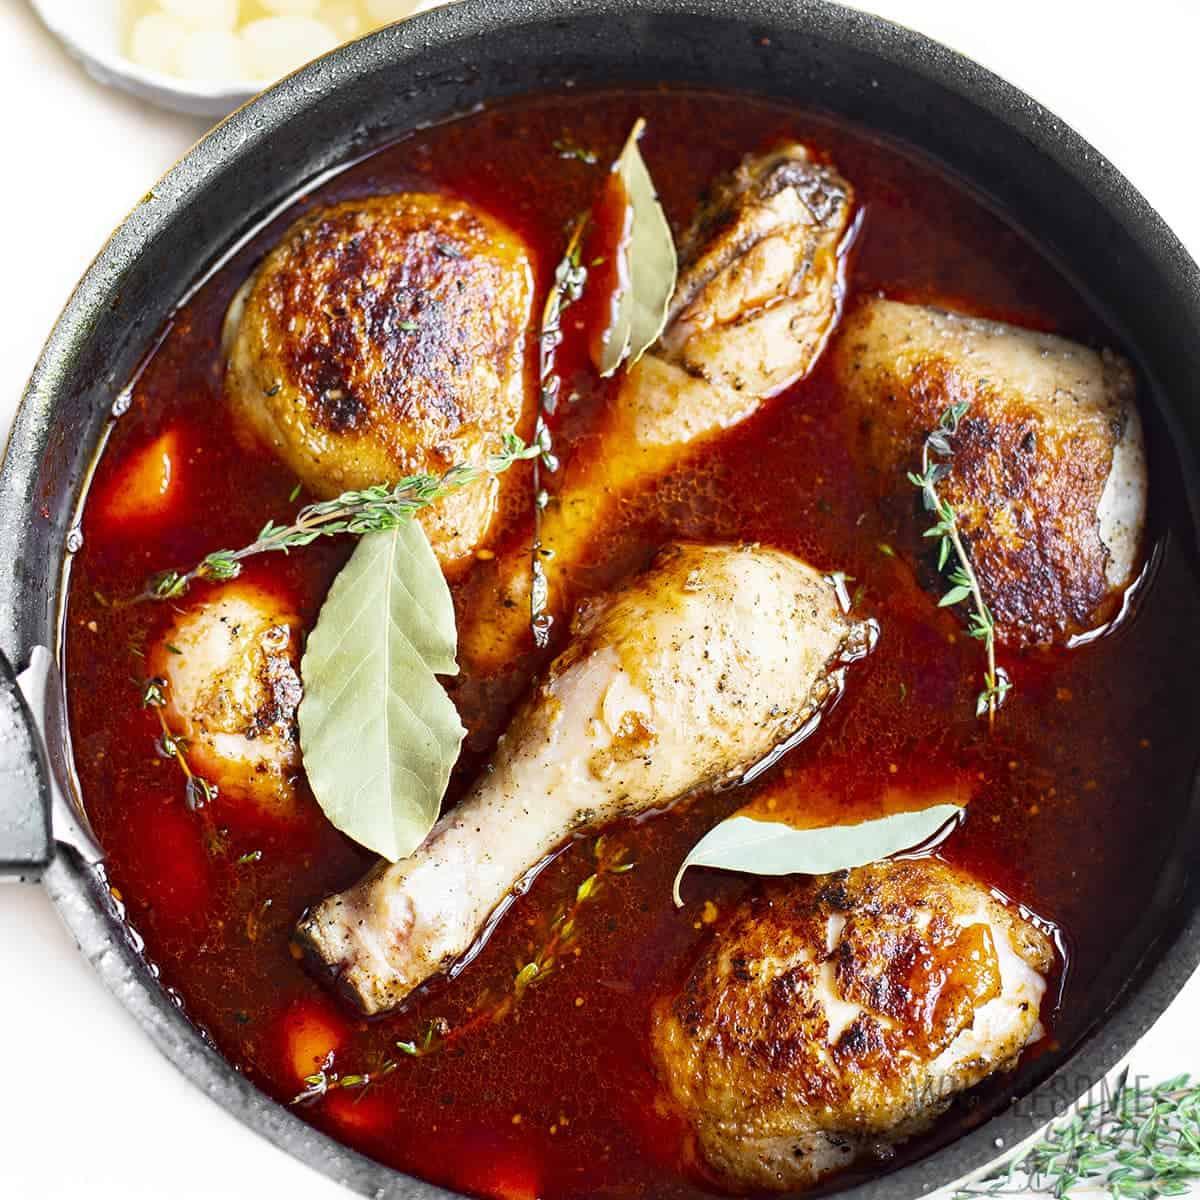 Chicken coq au vin simmering